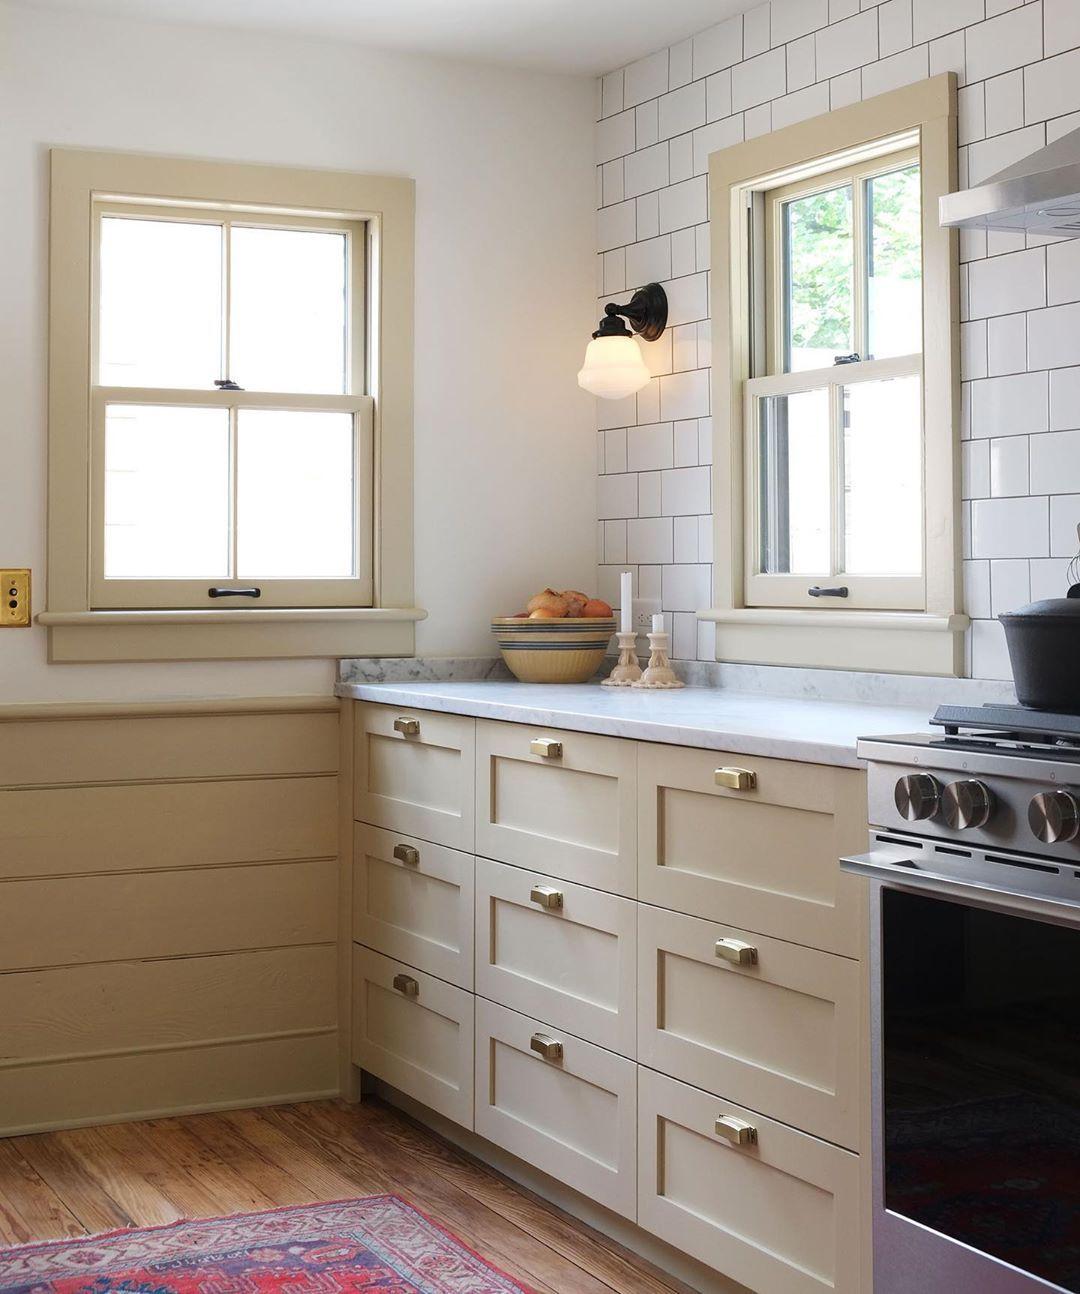 Diy Shaker In 2020 Cottage Kitchen Diy Kitchen Decor